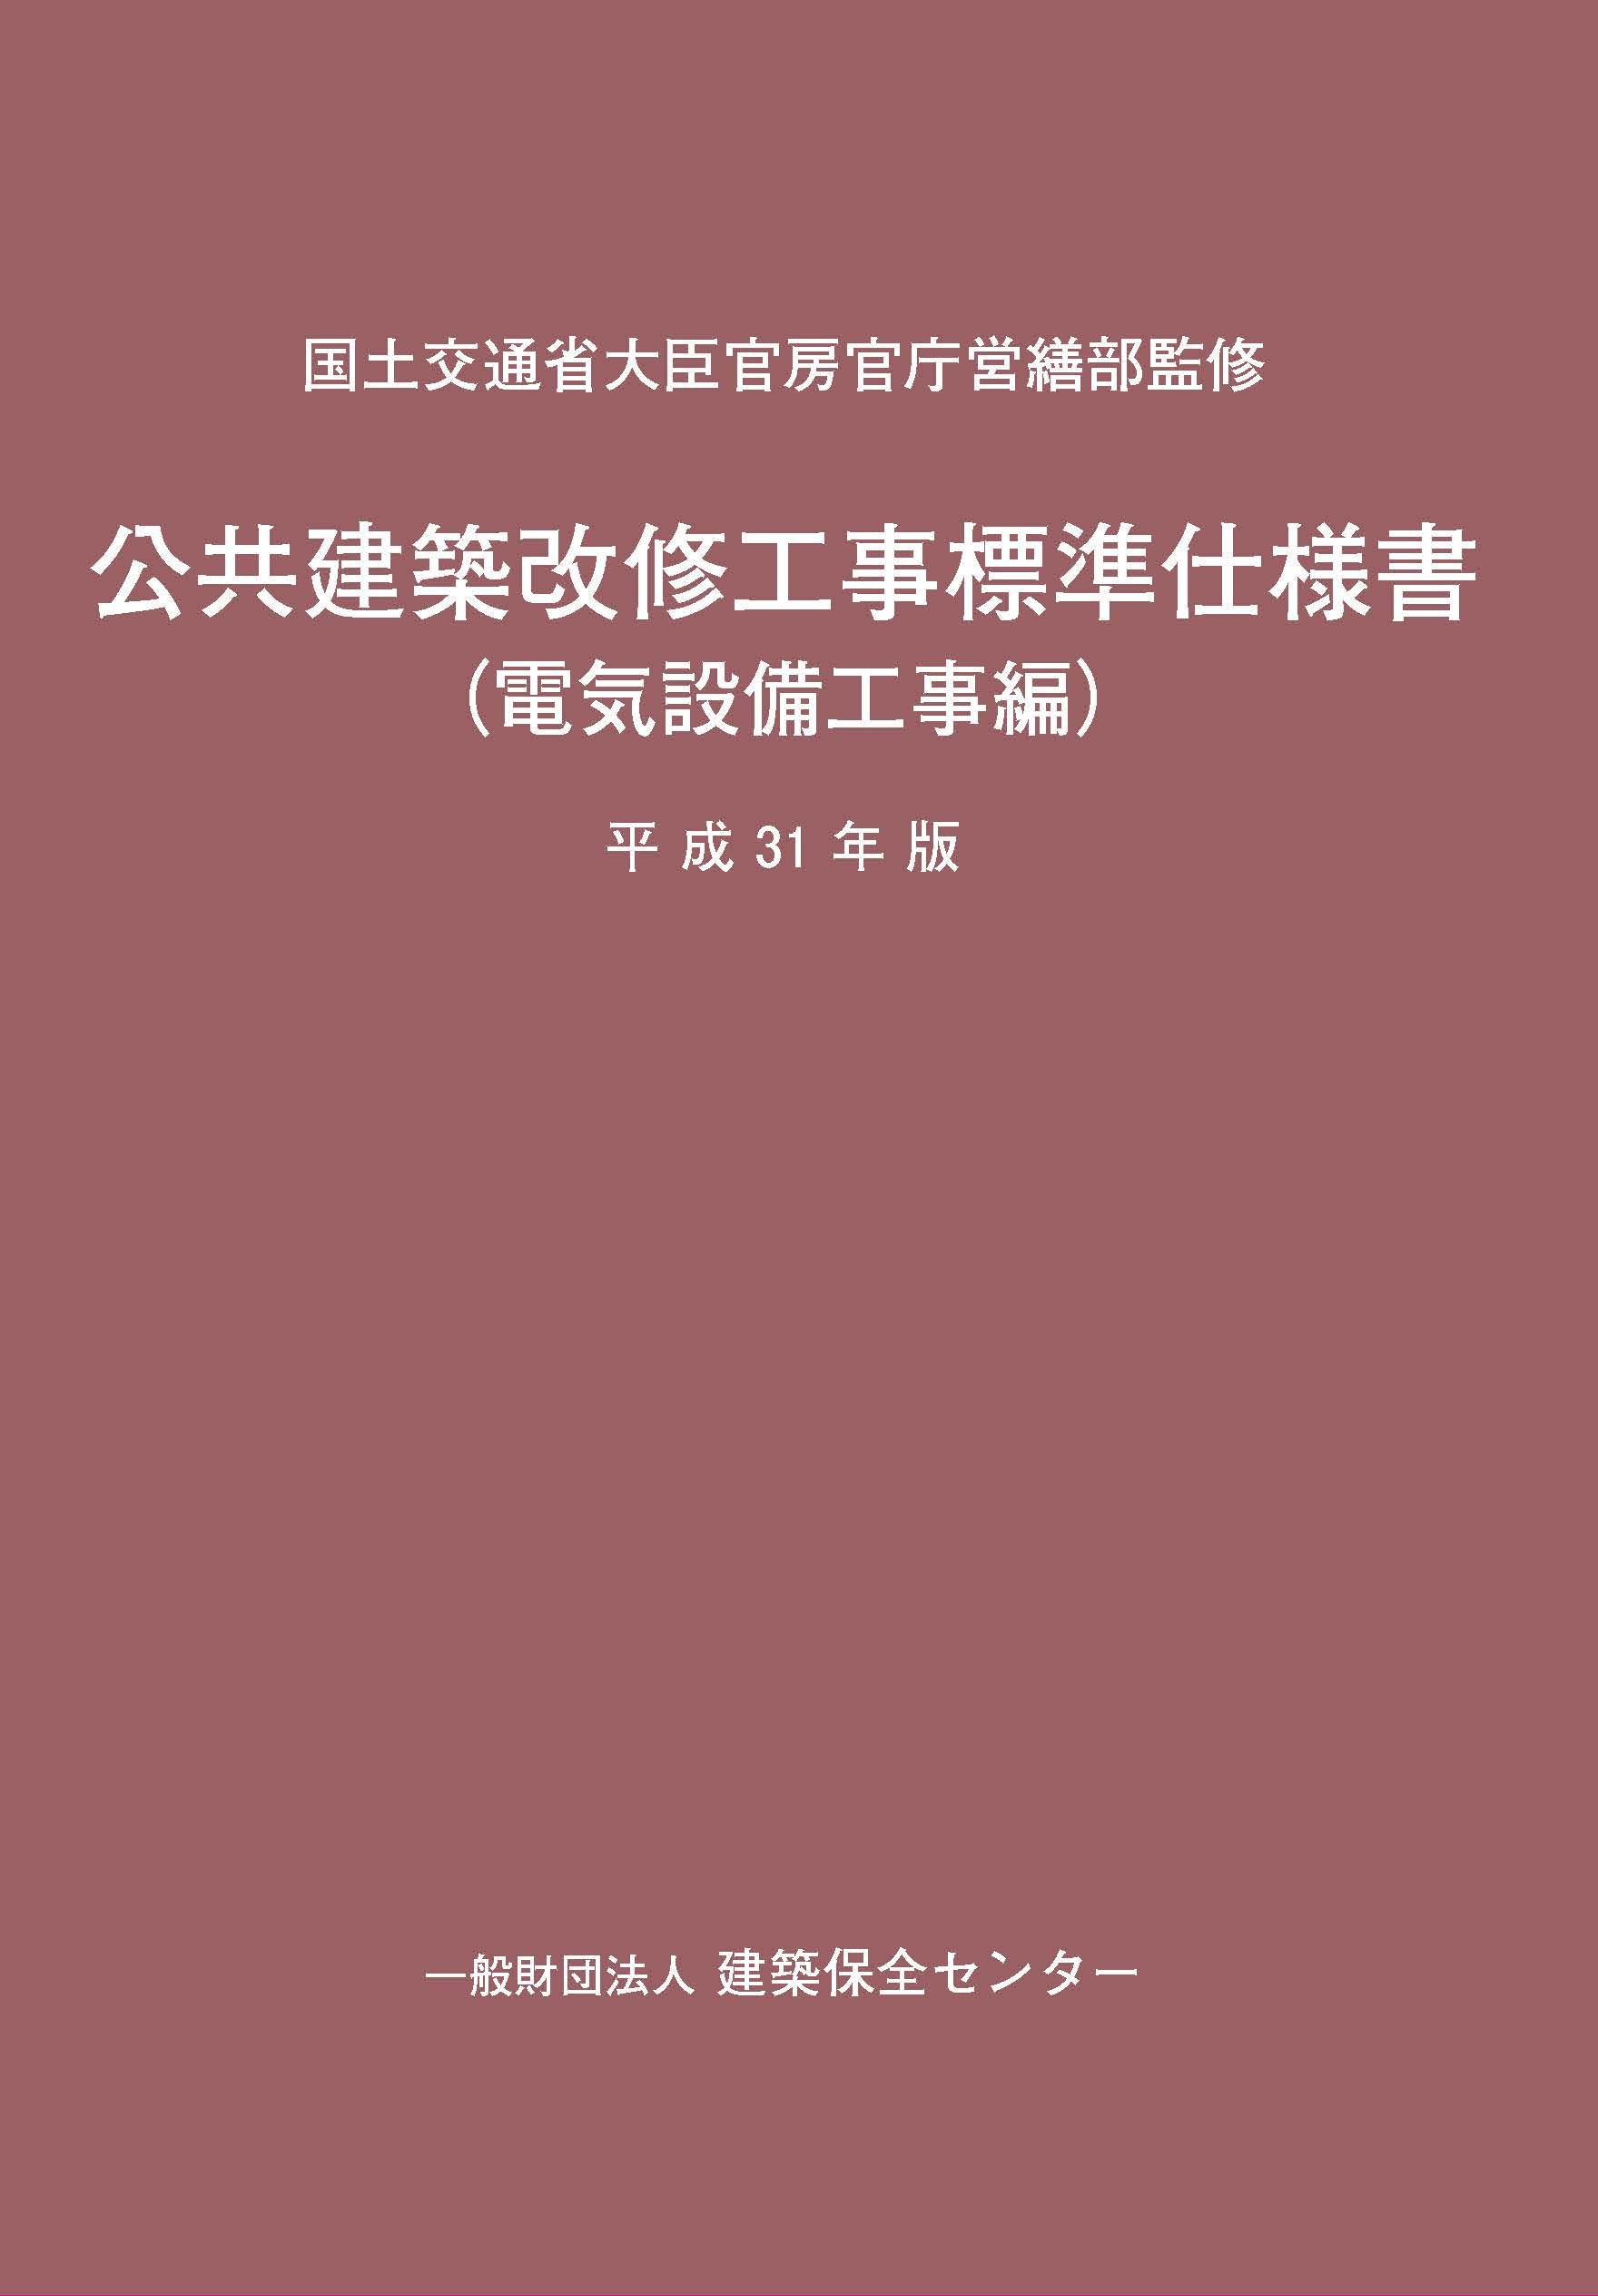 公共建築改修工事標準仕様書(電気設備工事編)平成31年版